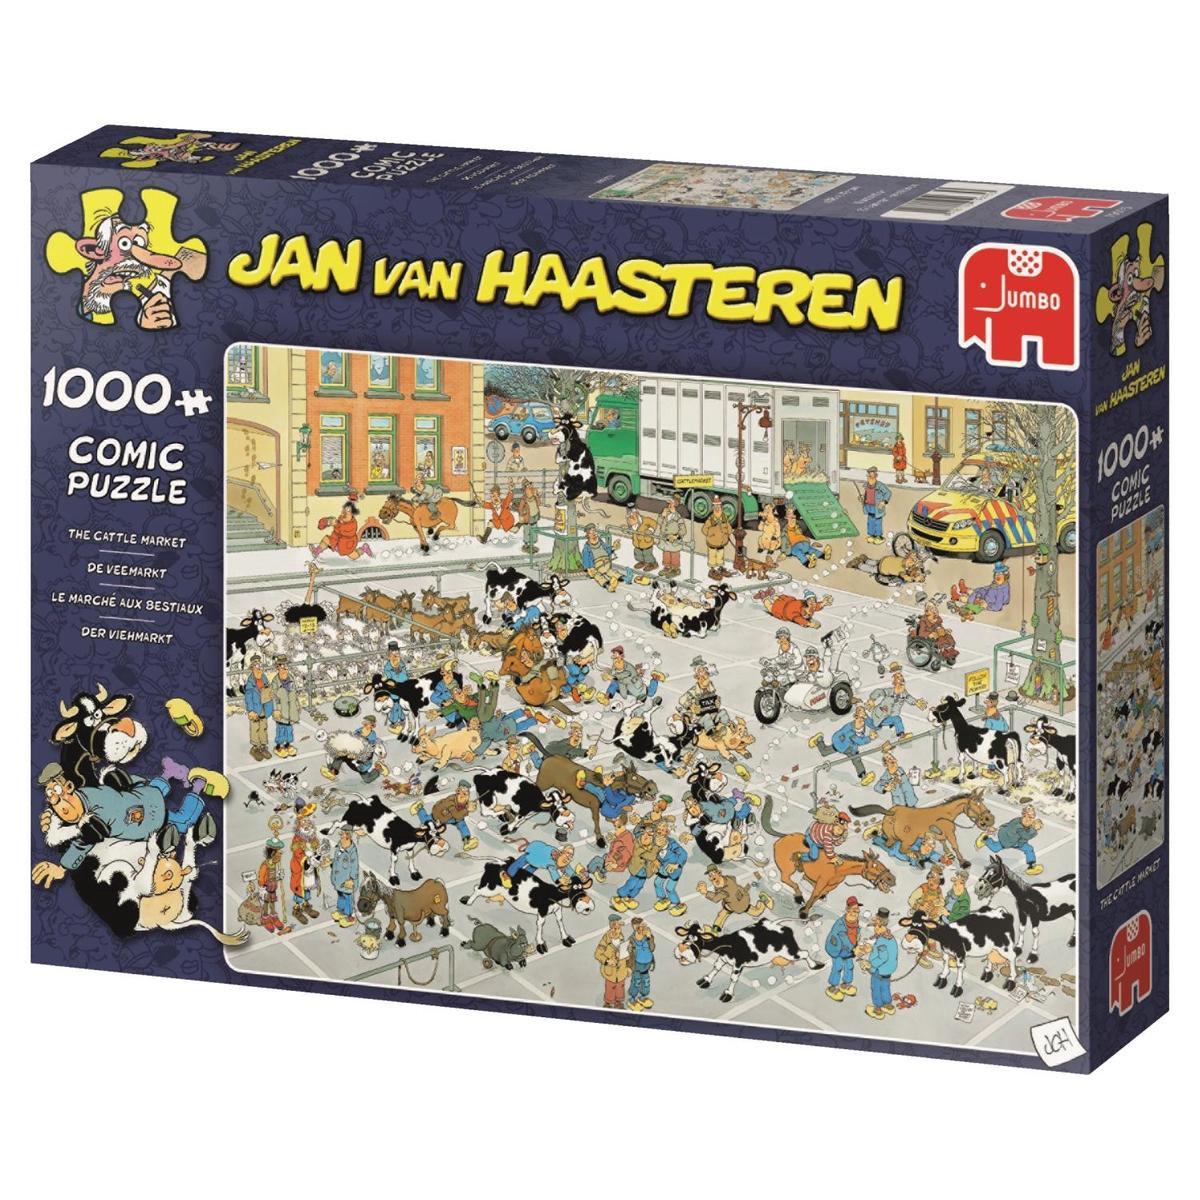 Jum-19075,Puzzel de veemarkt - jan van haasteren 1000